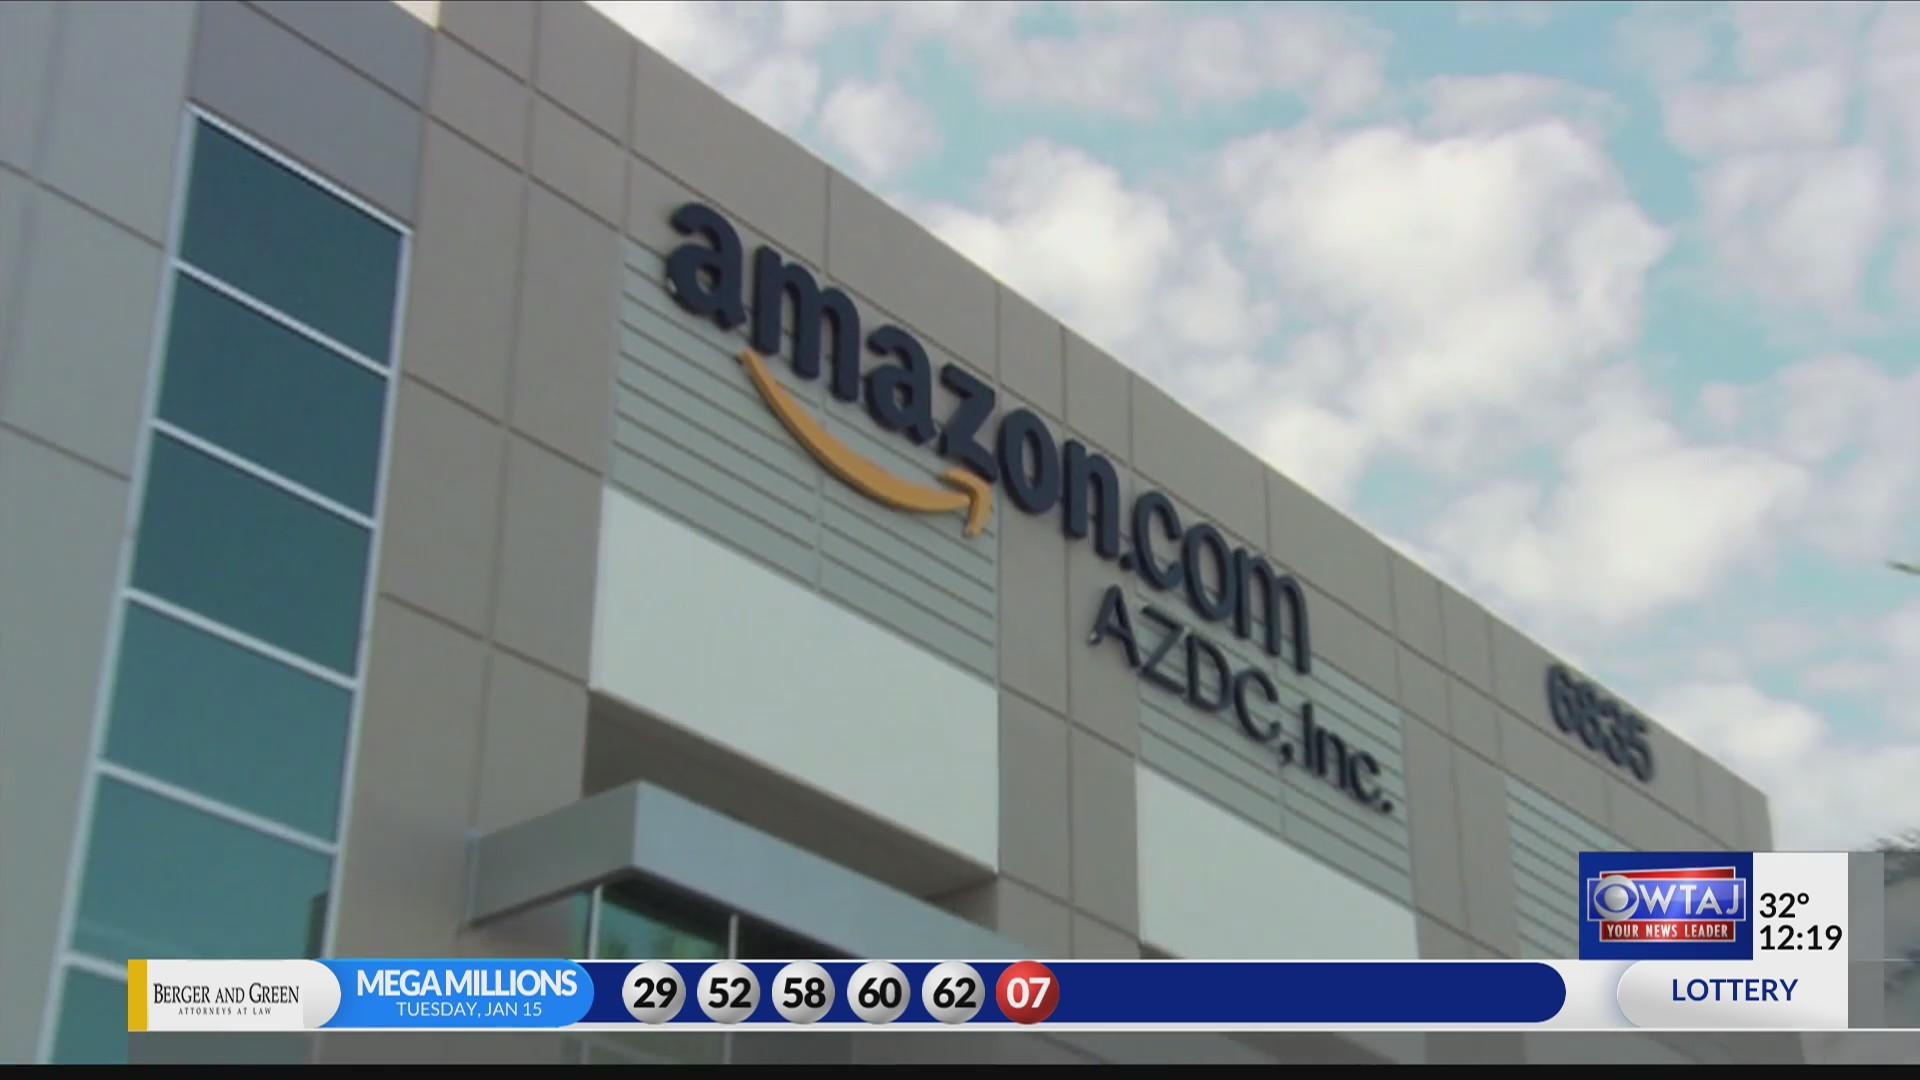 Amazon_Prime_surpasses_100_million_subsc_0_20190118175132